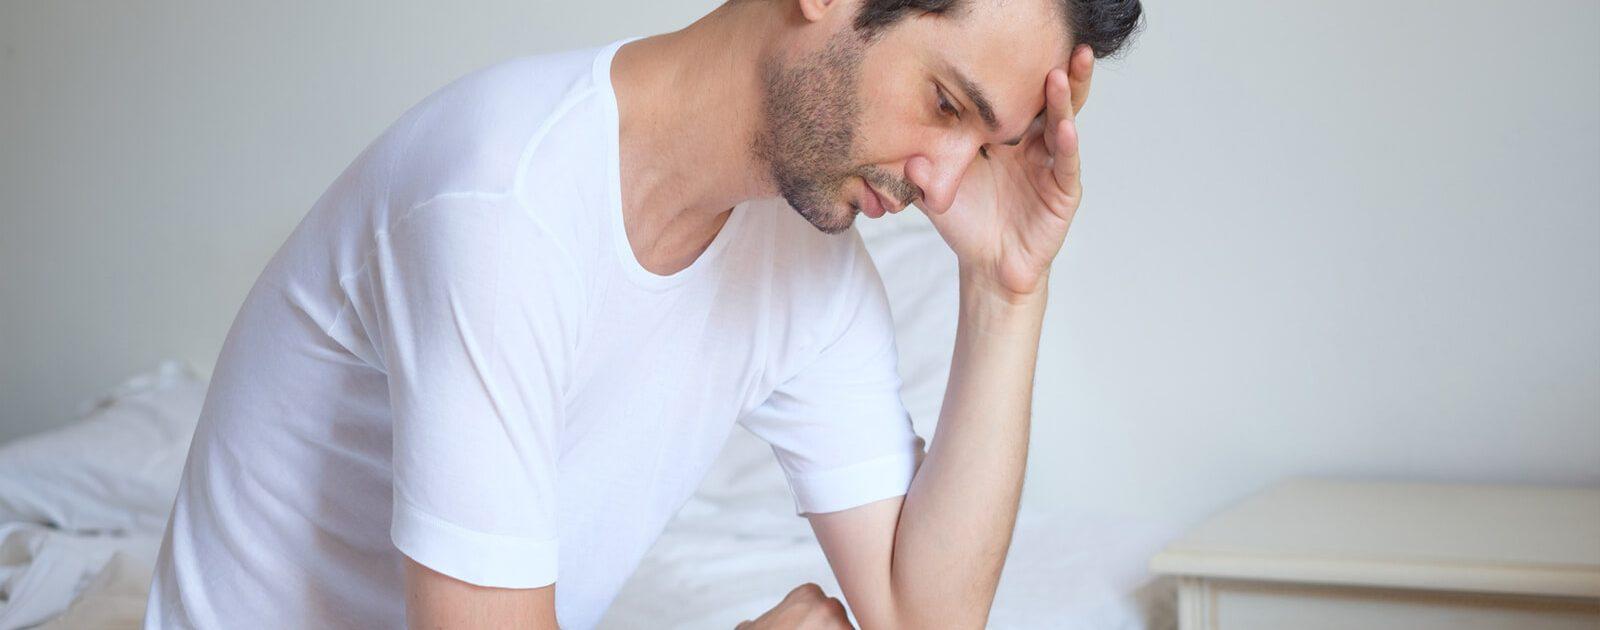 Mann sitzt besorgt auf der Bettkante, weil er an Erektionsstörungen leidet.